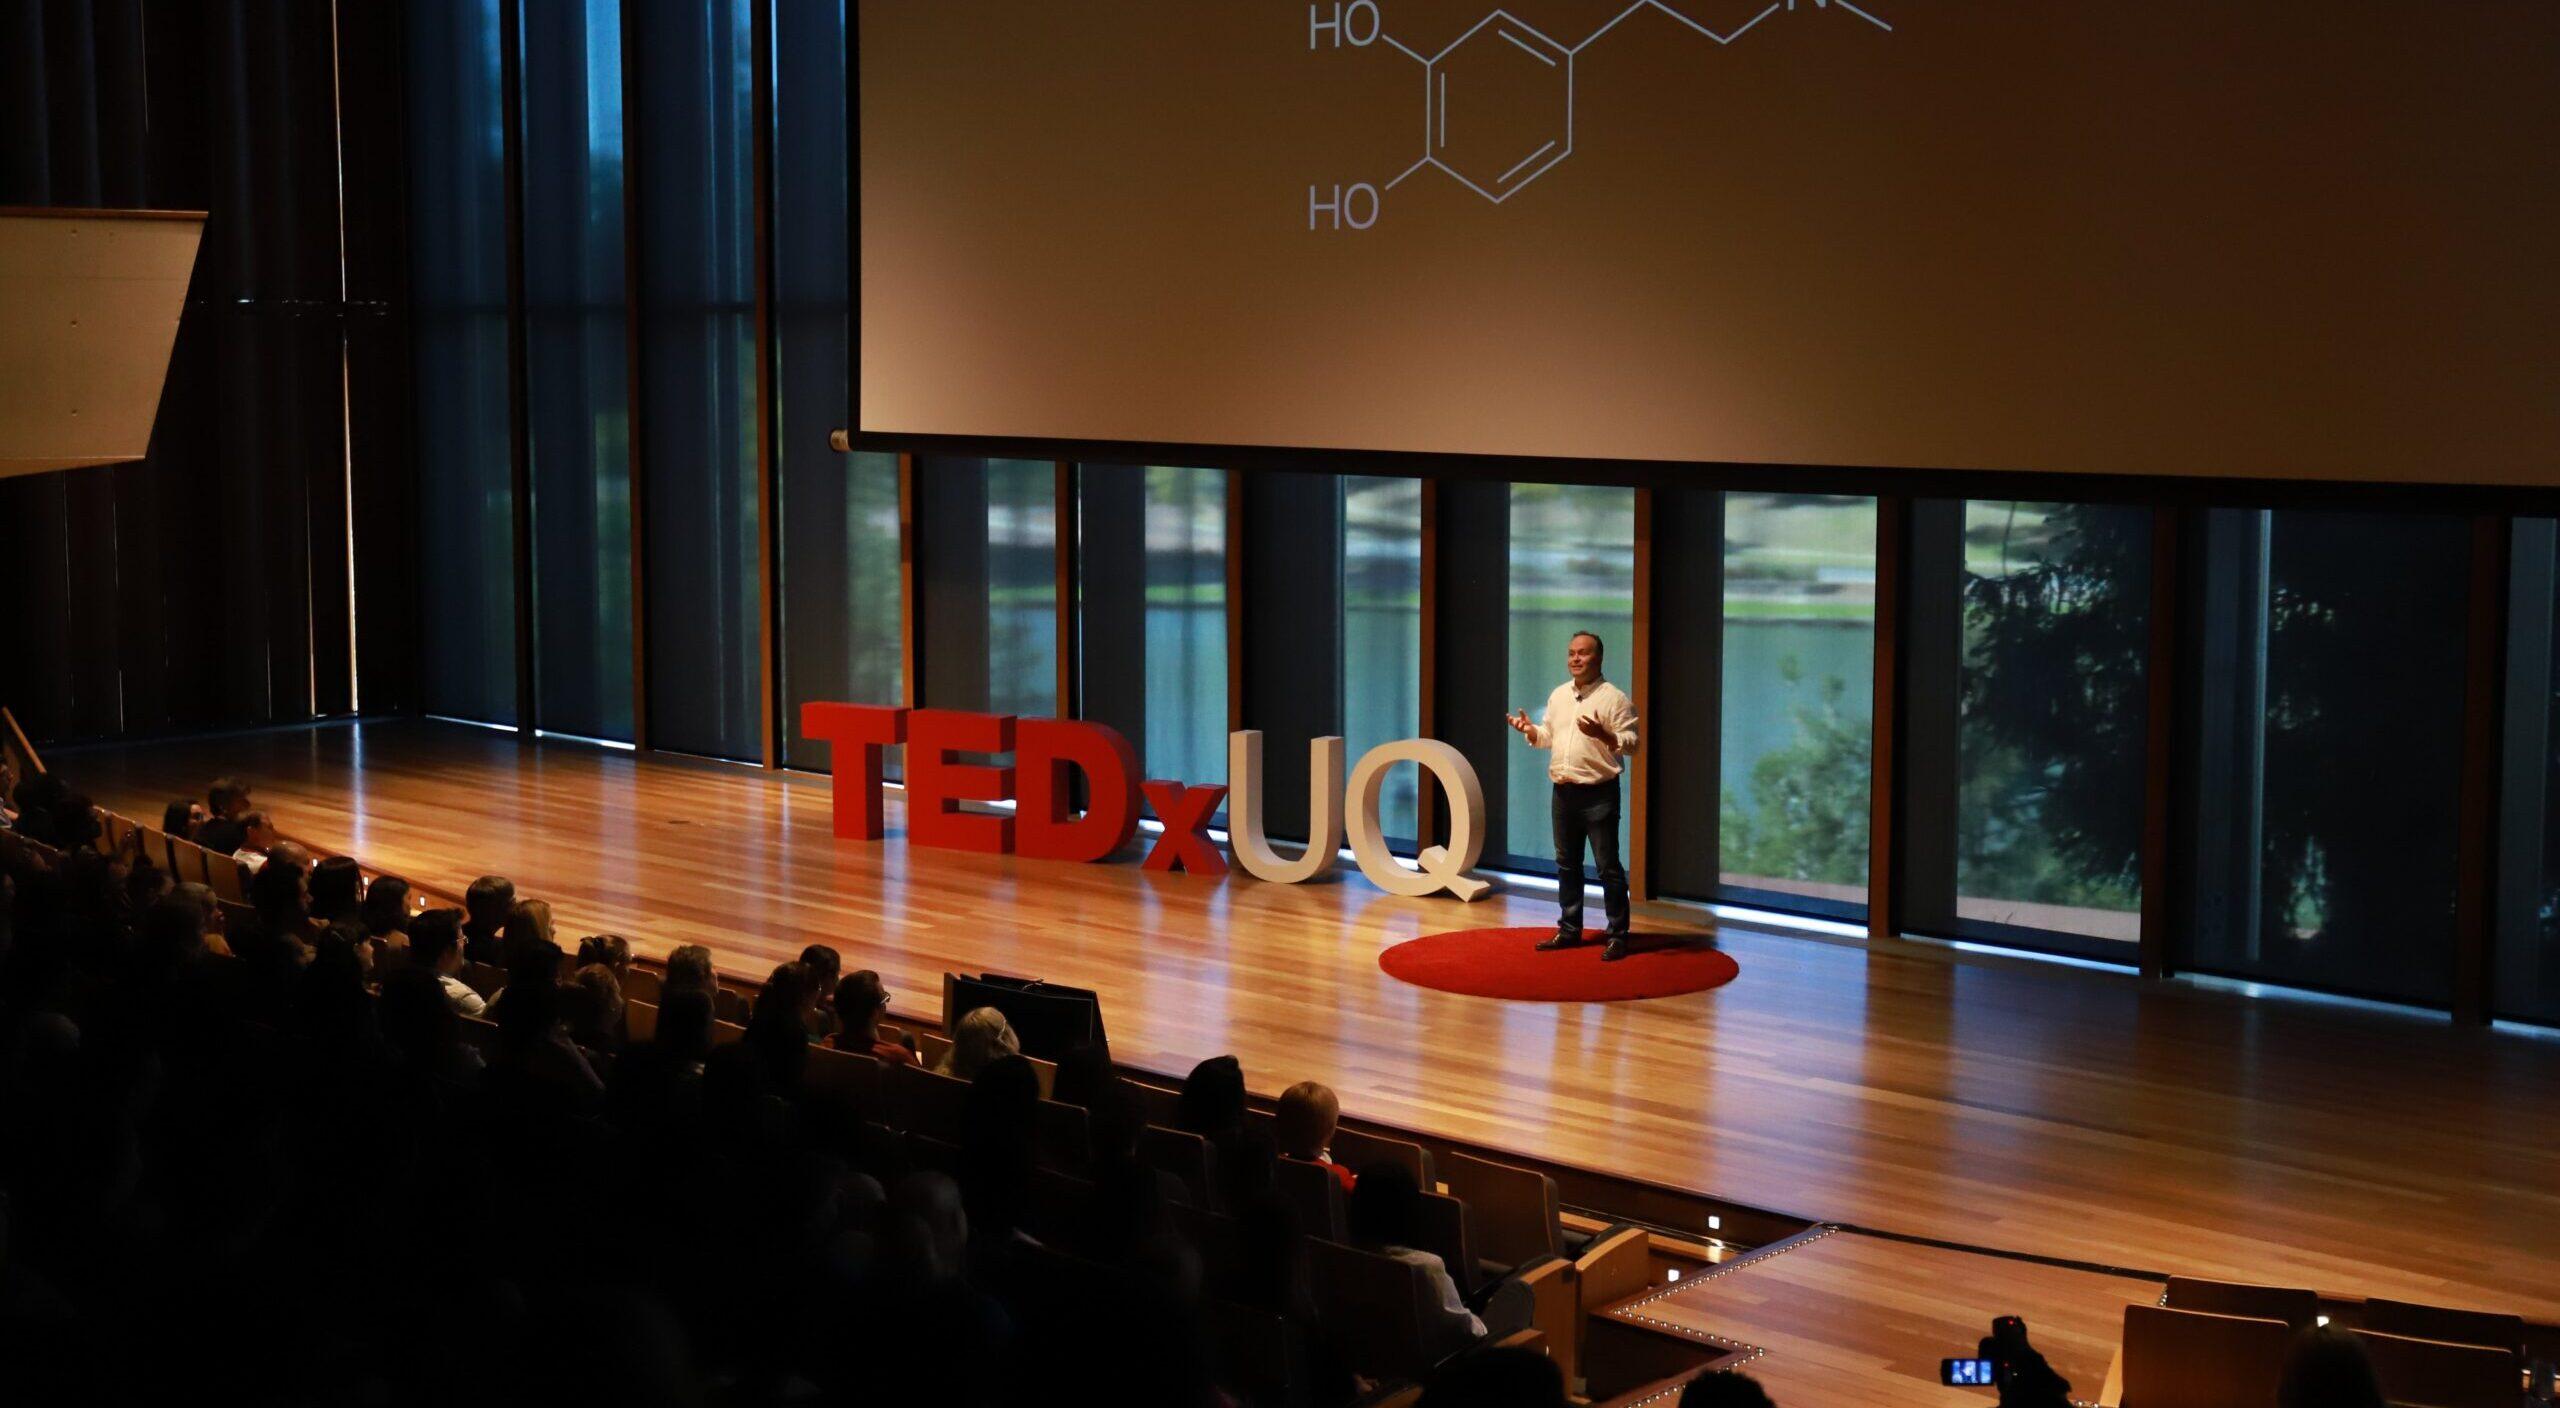 John_TEDxUQ-min